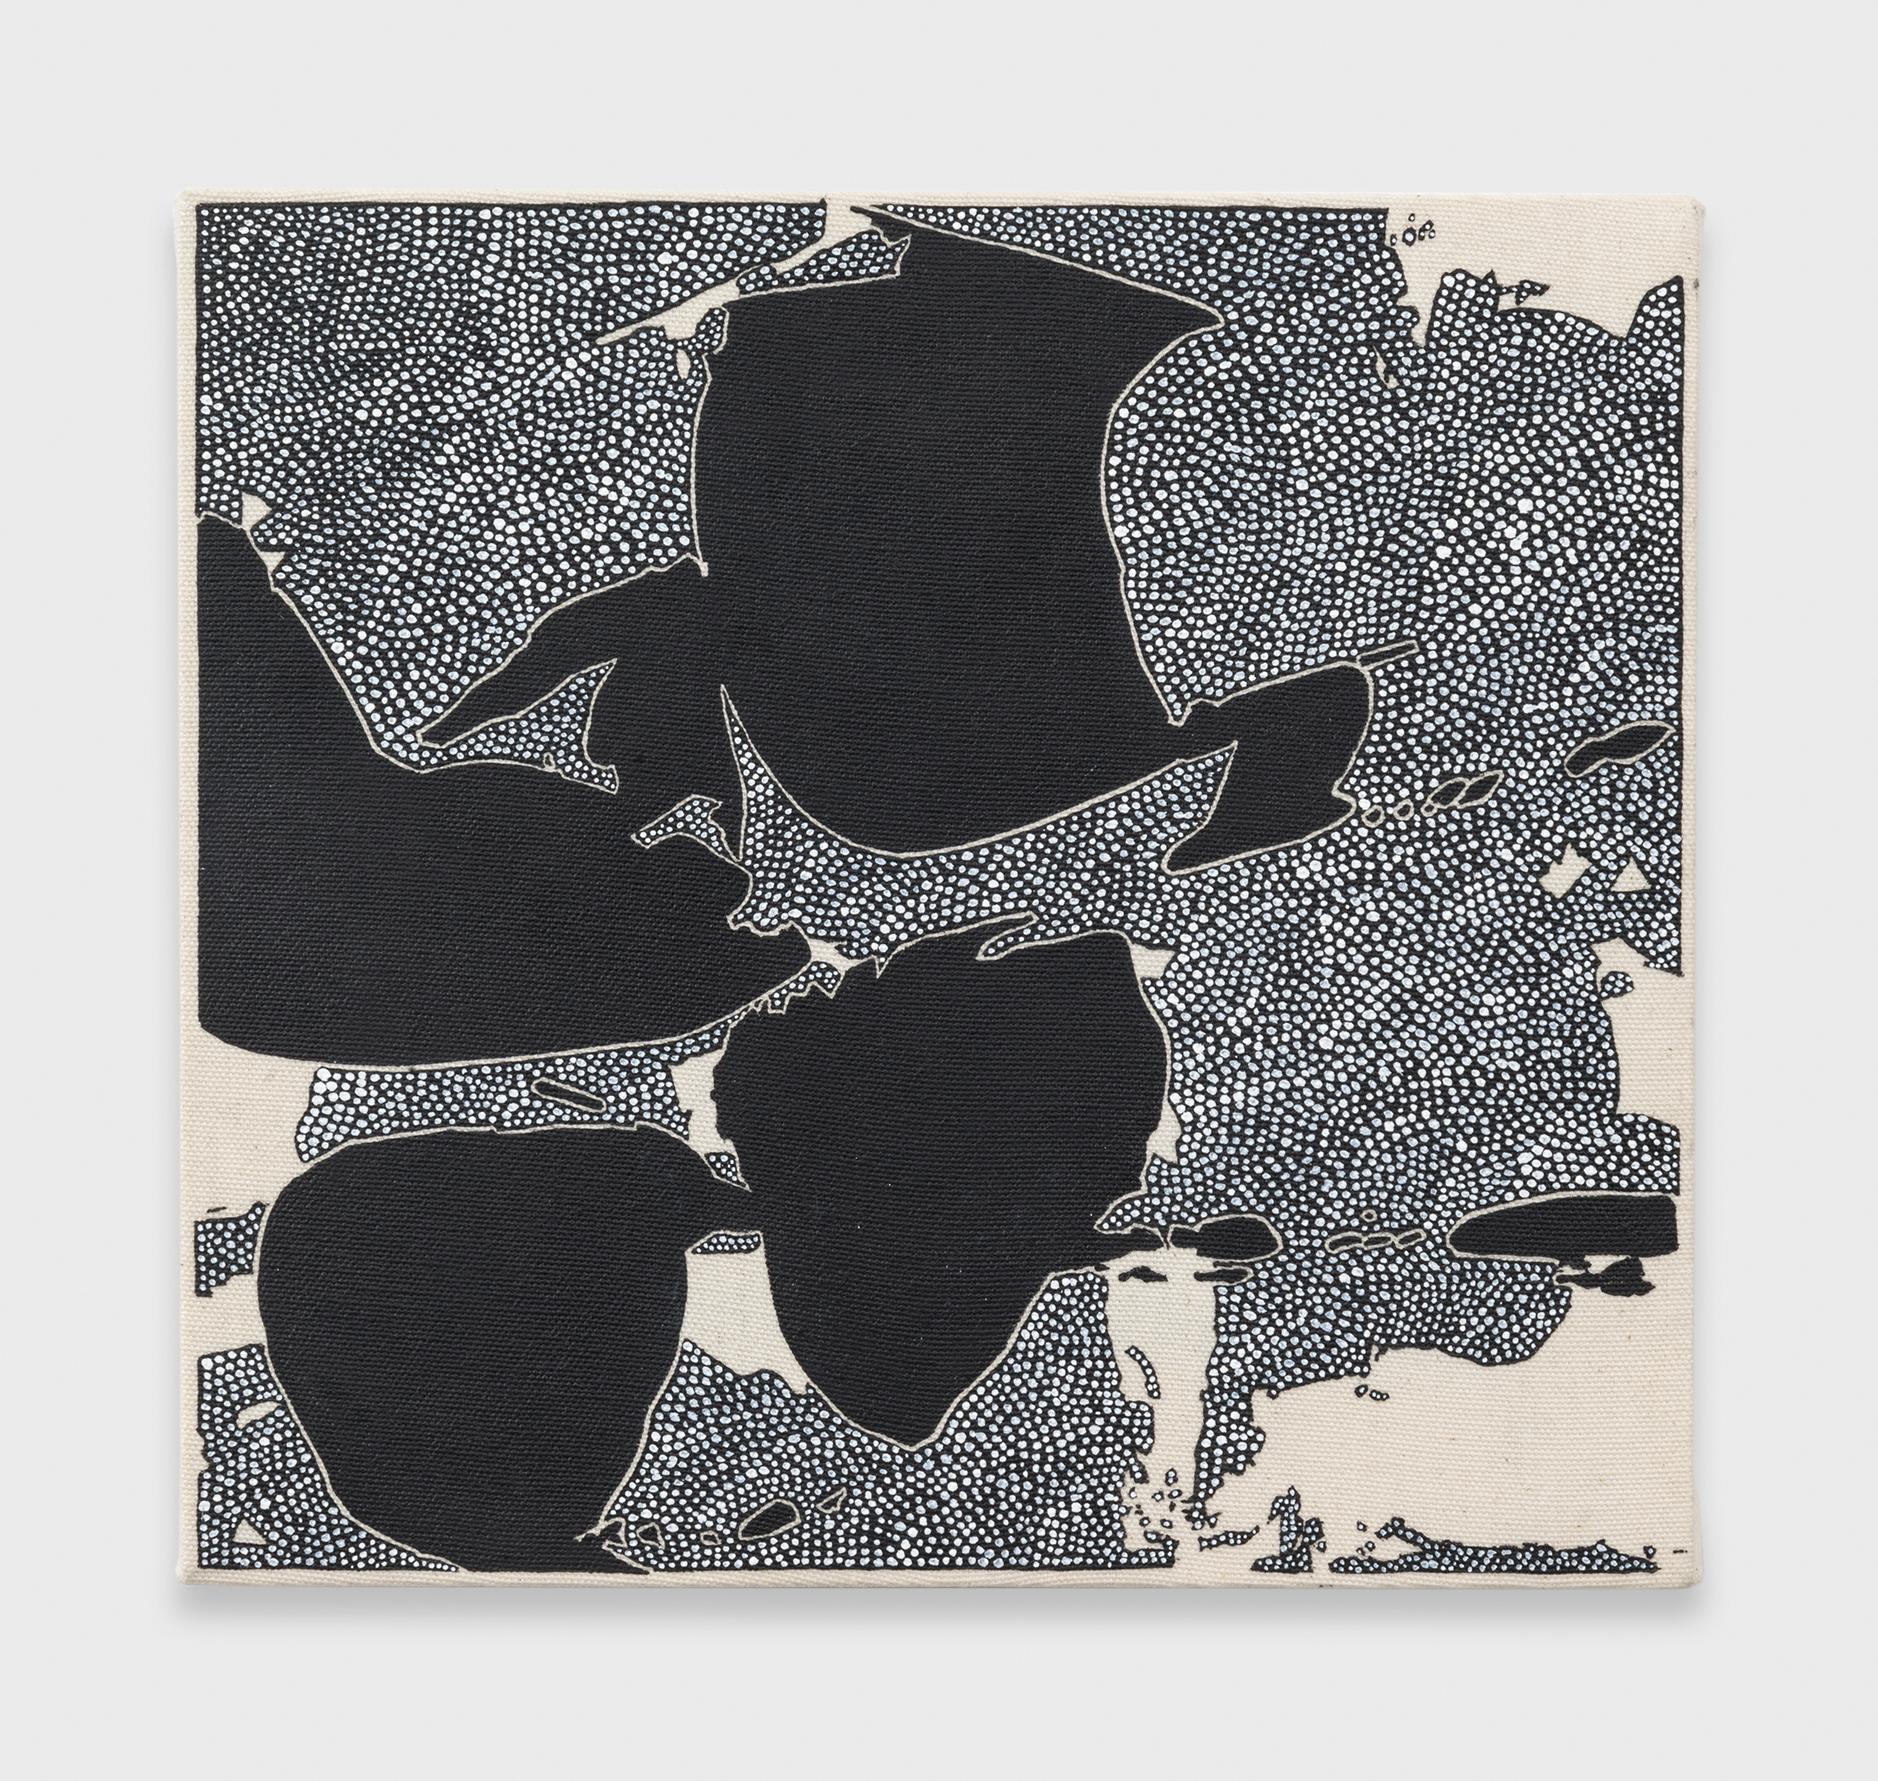 Zak Prekop  Black with Unmeasured Pattern  2015 Oil on canvas 10h x 11w in ZP334